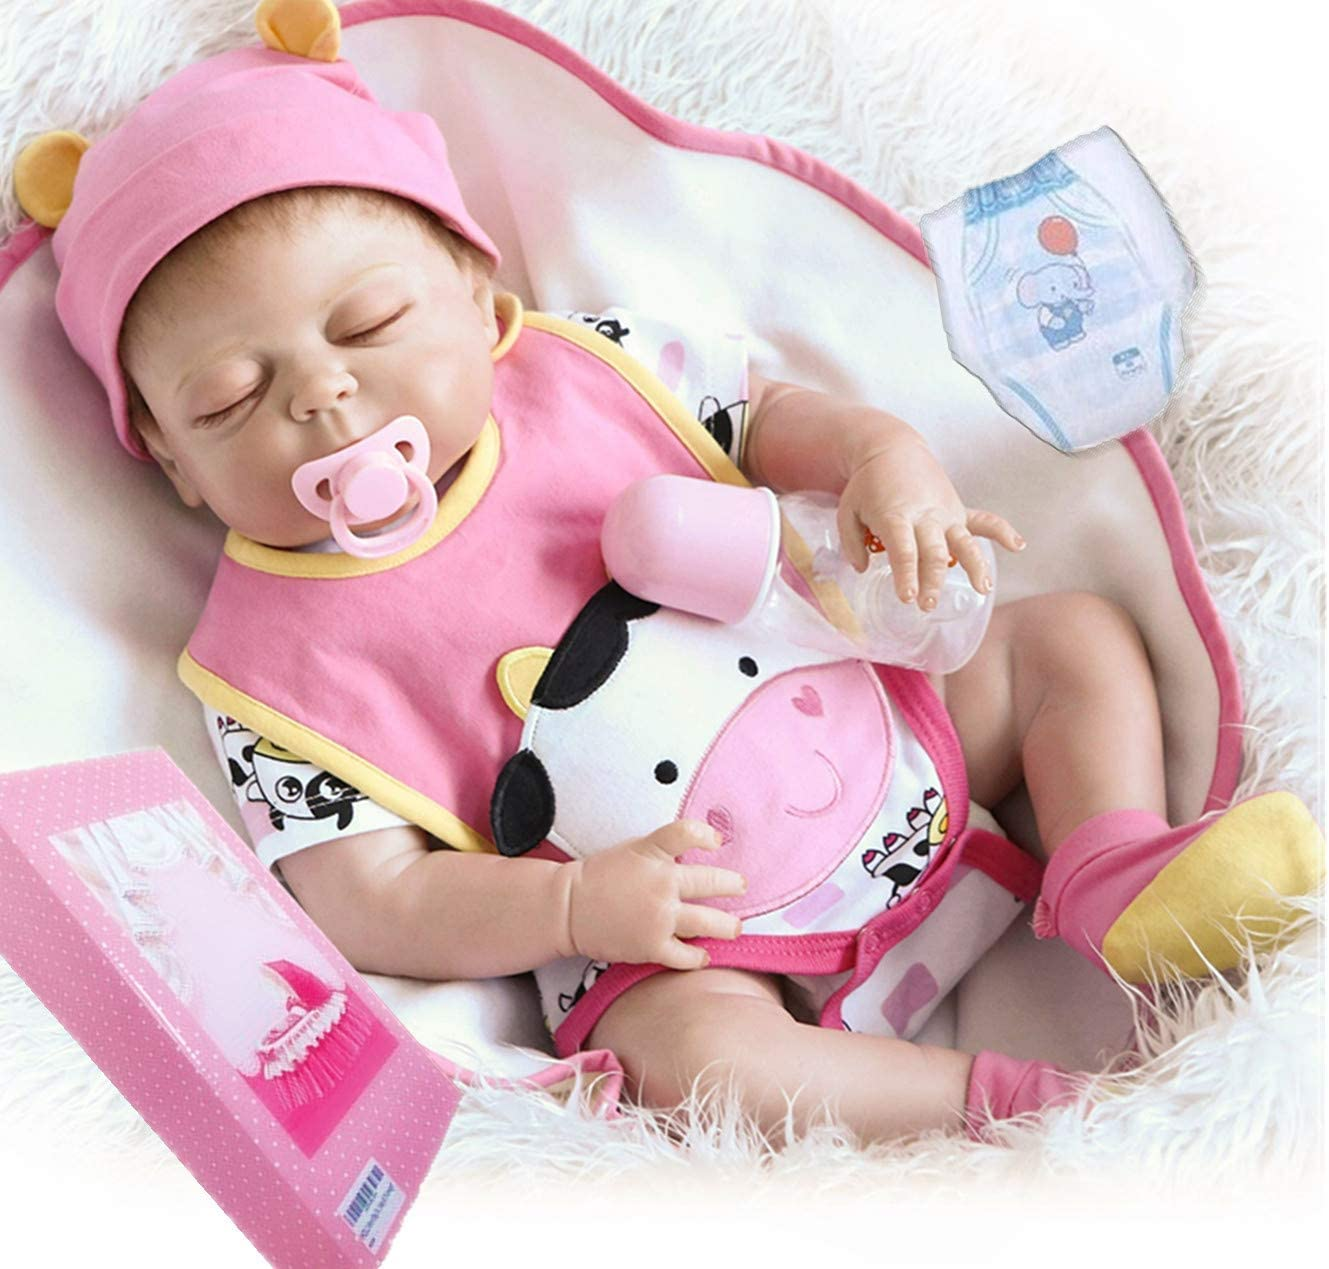 Muñecas Reborn De Silicona Cuerpo Completo De 22 0 In Realista Bebé Reborn Niña Muñecas Durmiendo Realismo Bebé Muñeca Bebé Muñeca Lavable Ojos Cerrados Reborn Bebé Niñas Toys Games